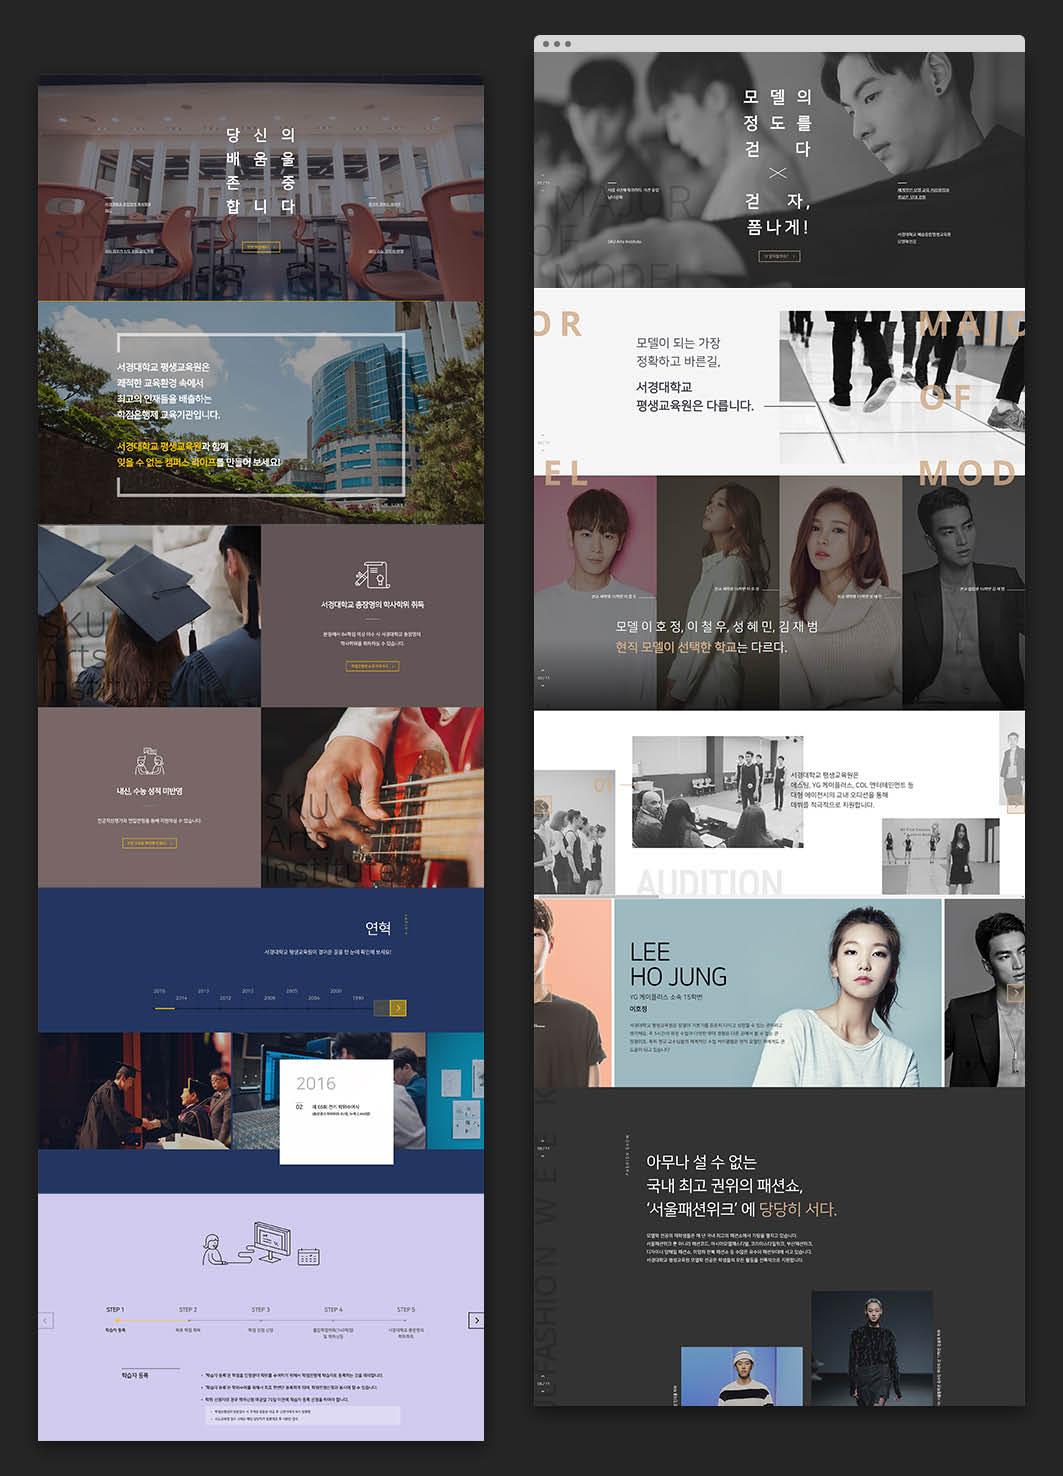 서경대학교 평생교육원 홈페이지 대표이미지_02.jpg